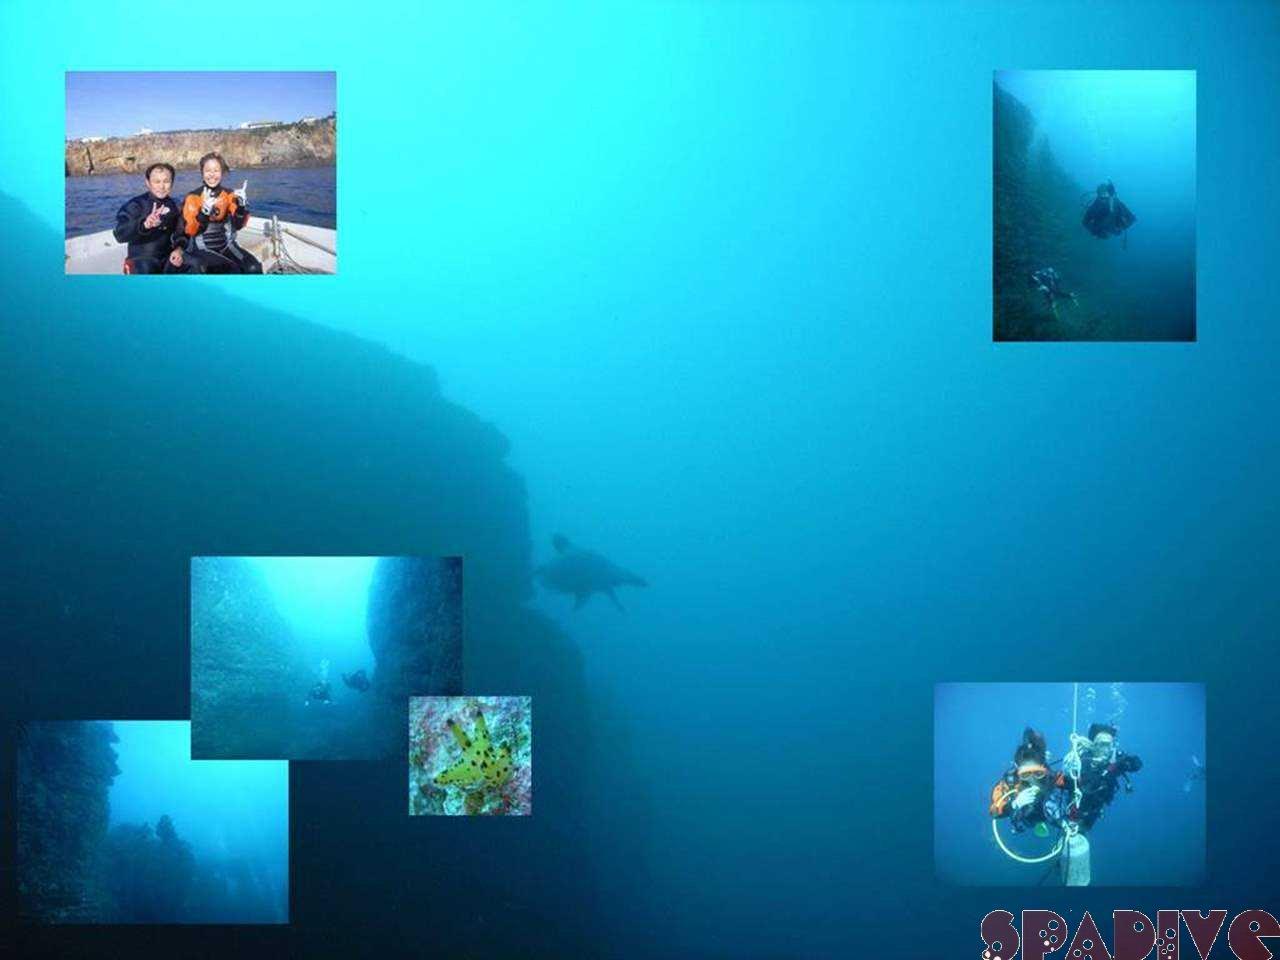 エビセ&三段壁ディープSPダイブ|ウミガメ!|12/6/2007南紀白浜